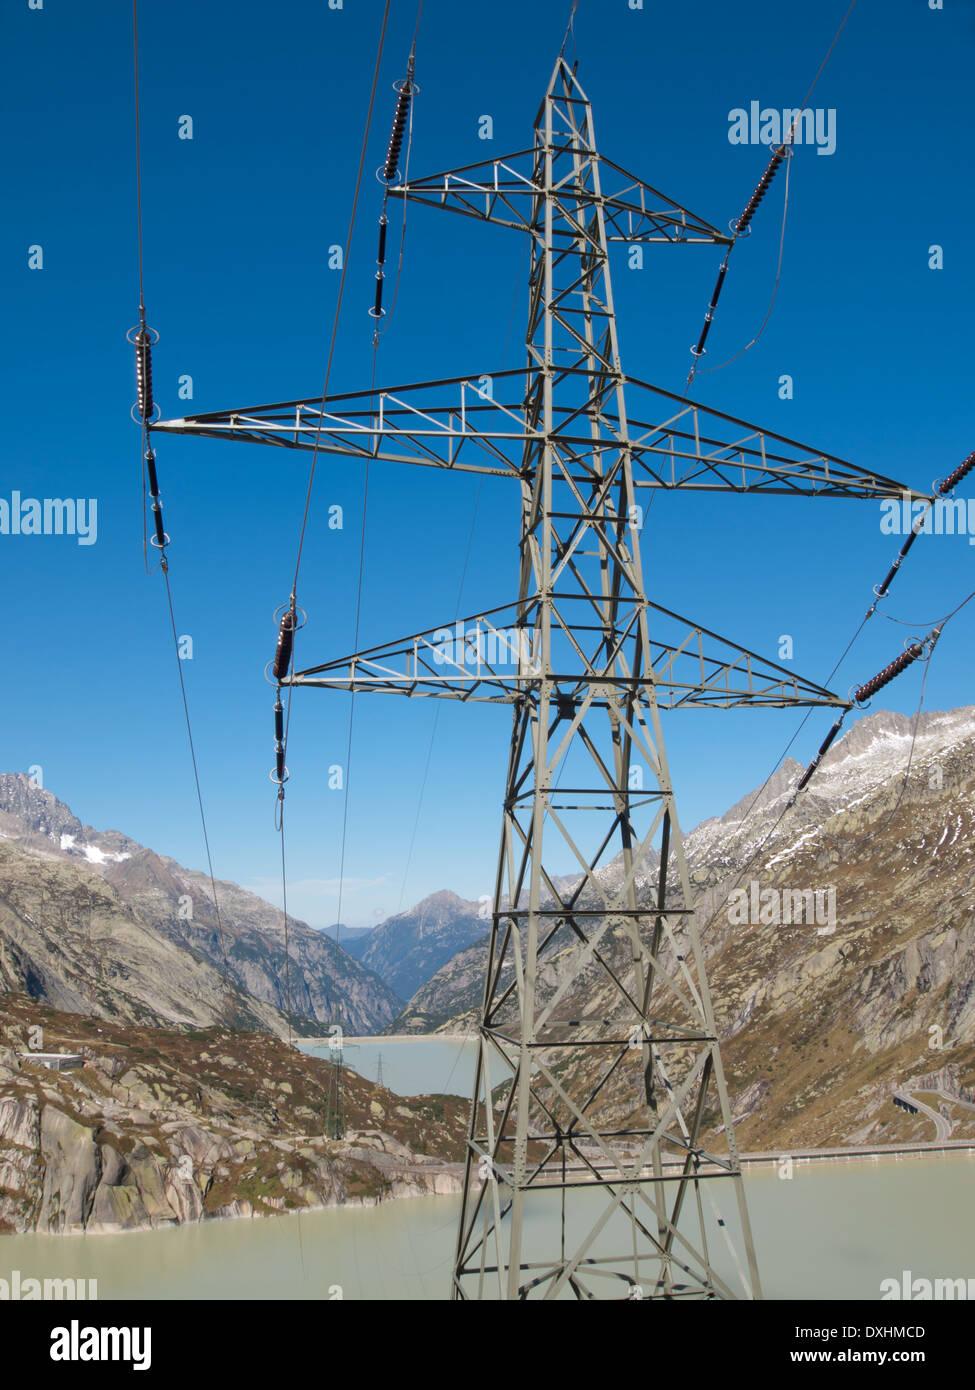 Wunderbar Spleißen 220 Volt Elektrische Drähte Bilder - Elektrische ...